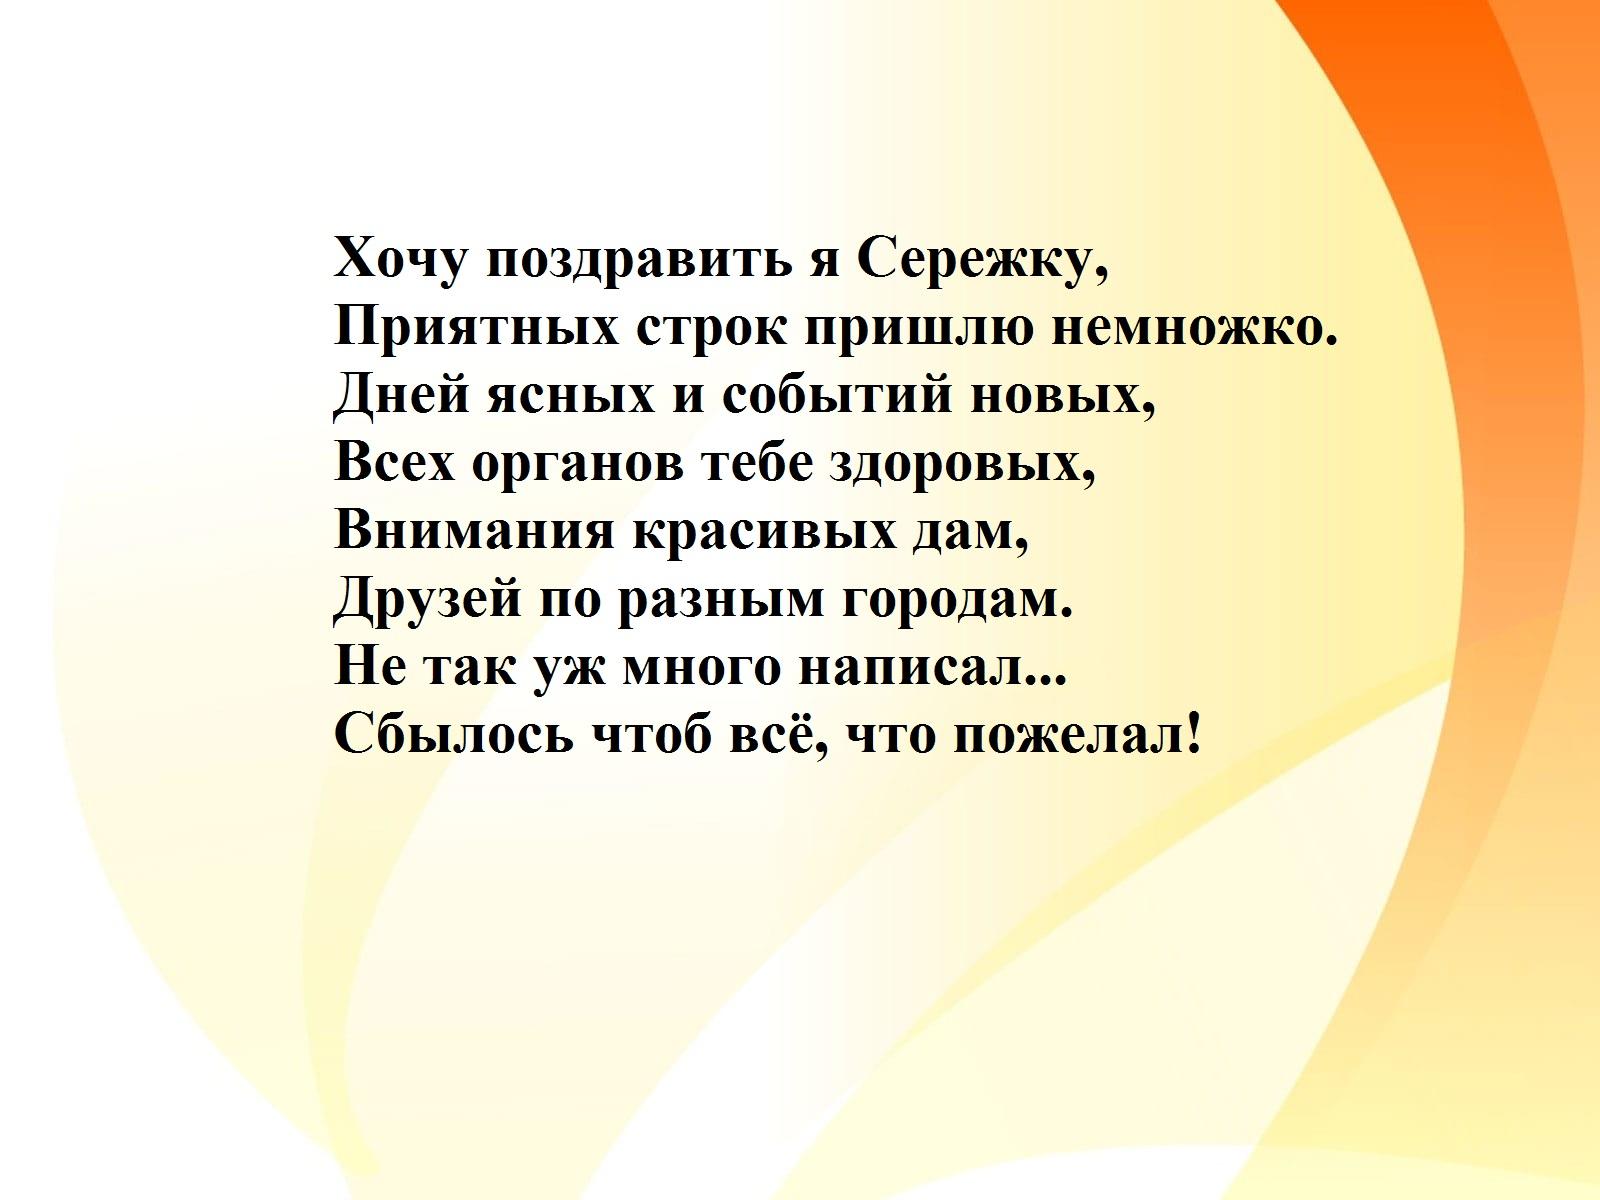 Поздравления с днем рождения от восточных мудрецов